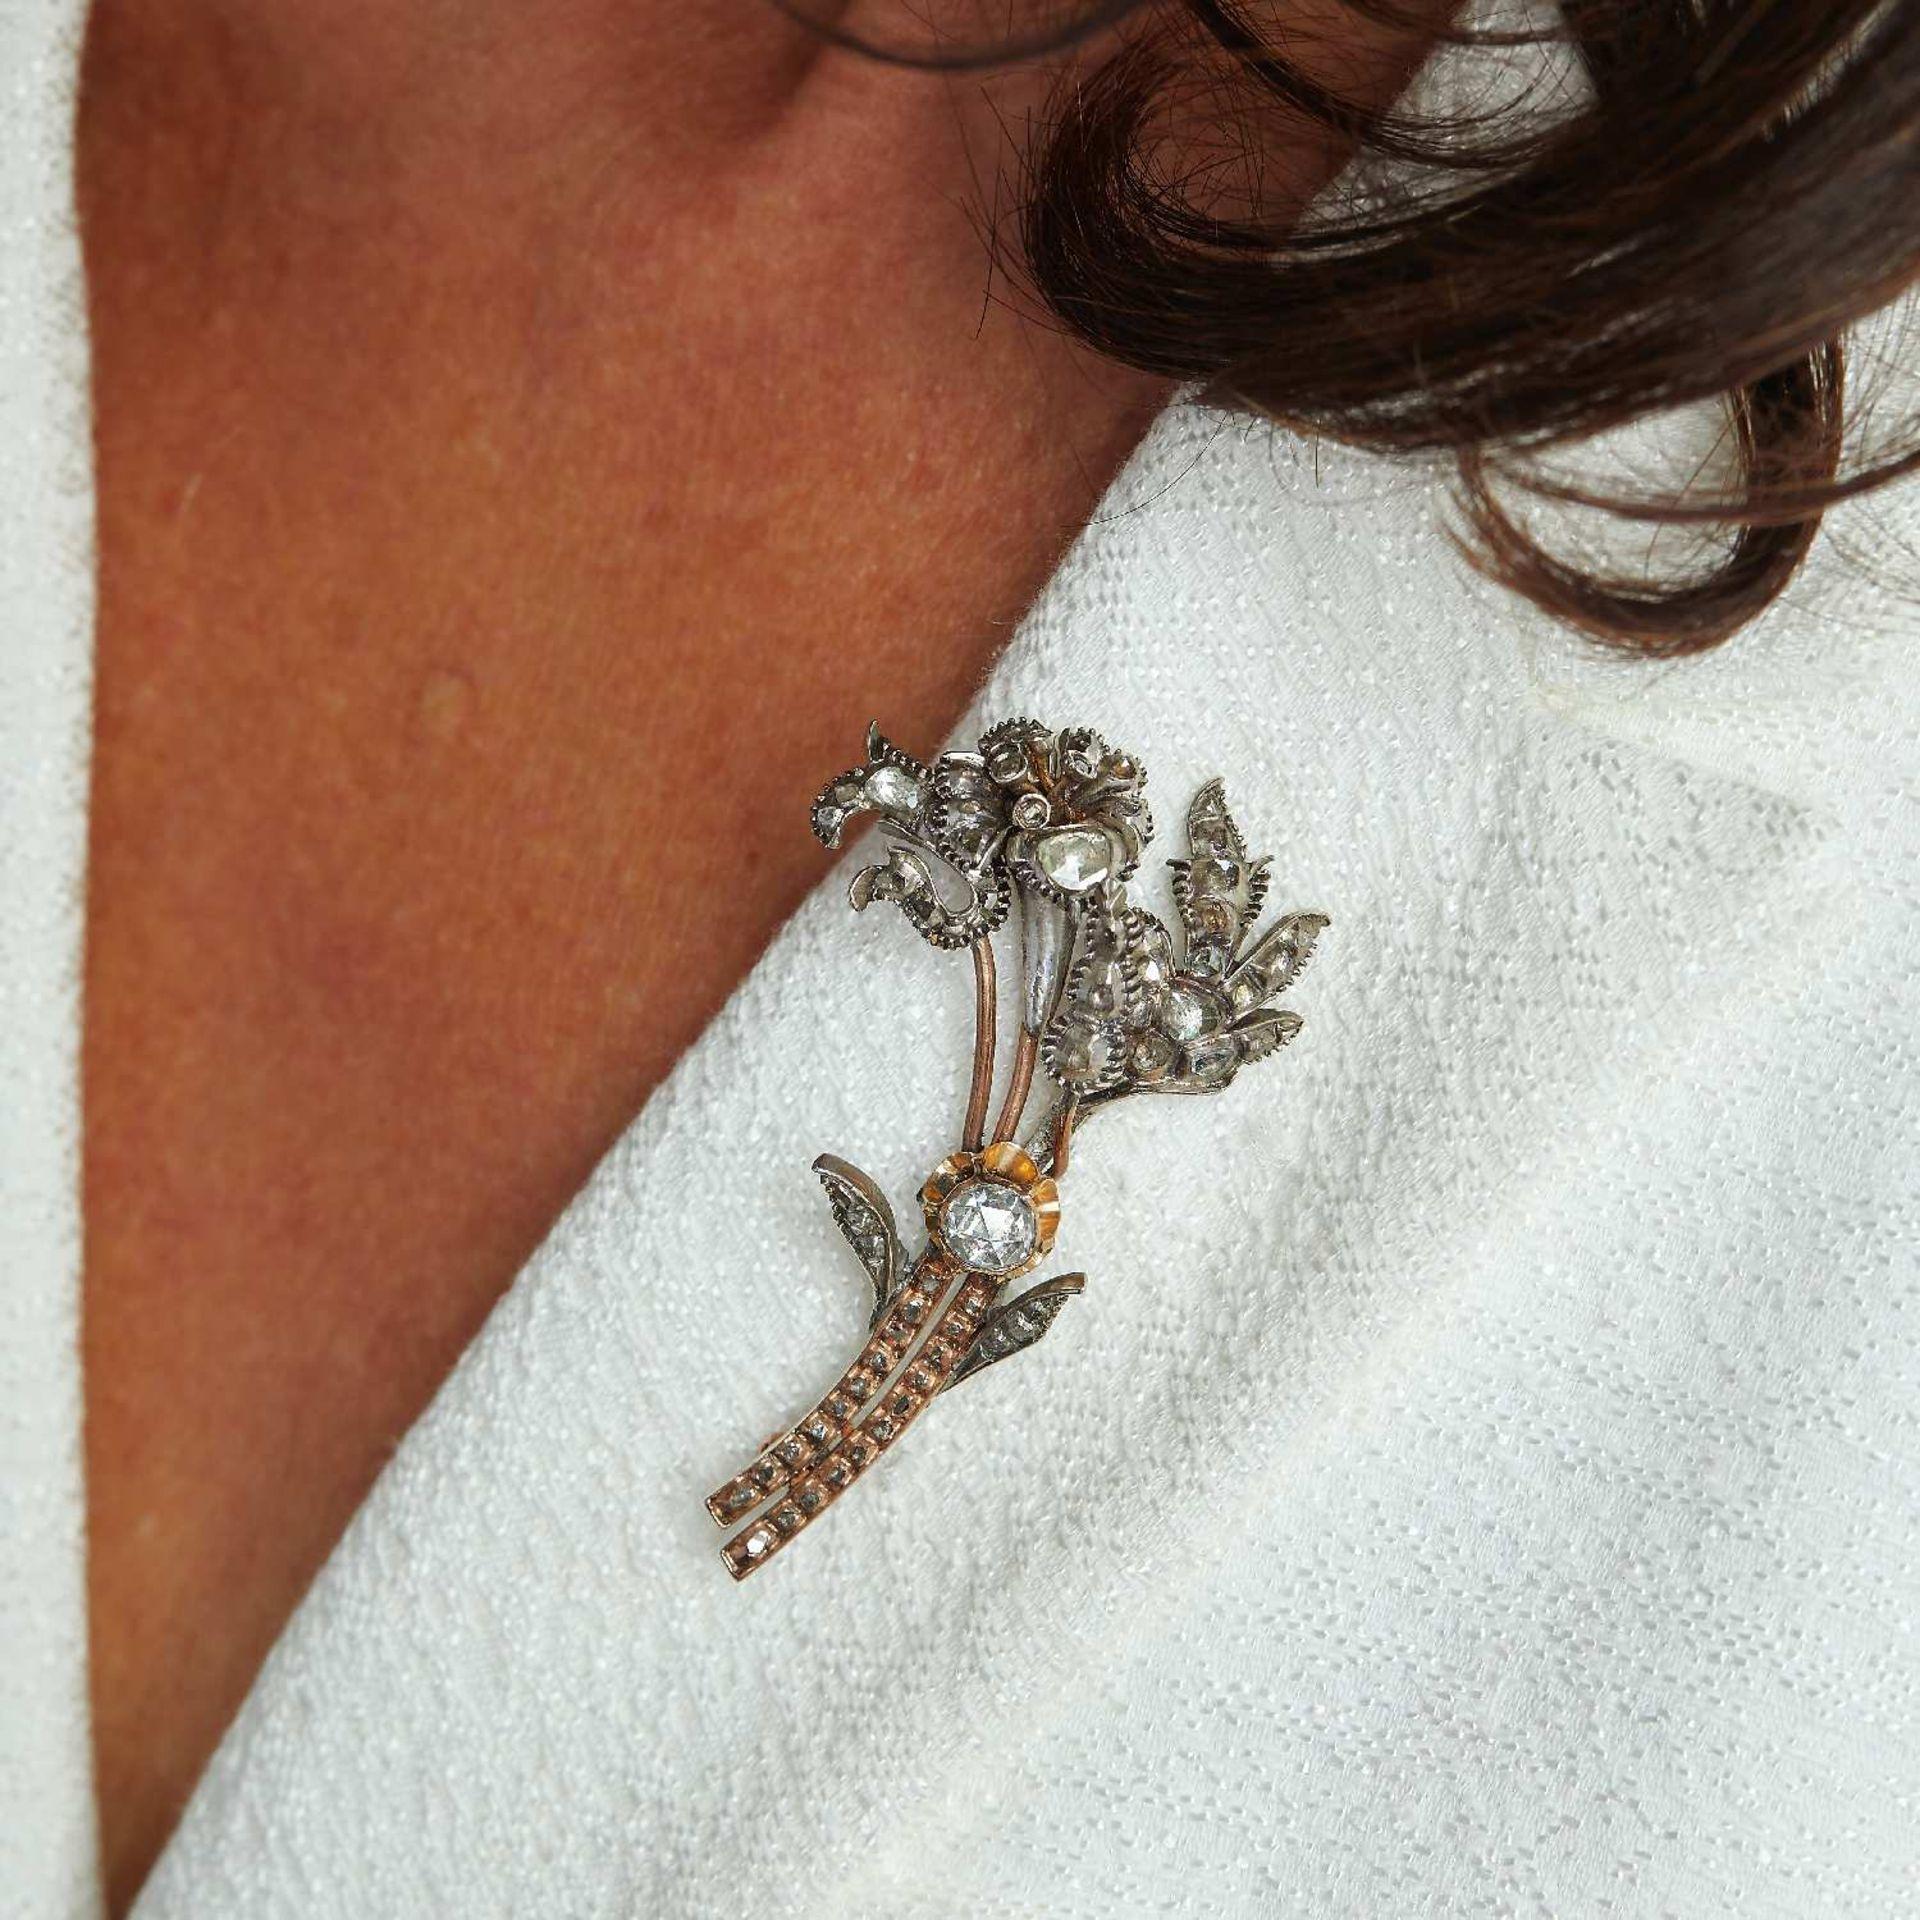 DEBUT XIXEME SIECLE BROCHE BOUQUET Les trois fleurs sont pavées de diamants taillés en rose, un